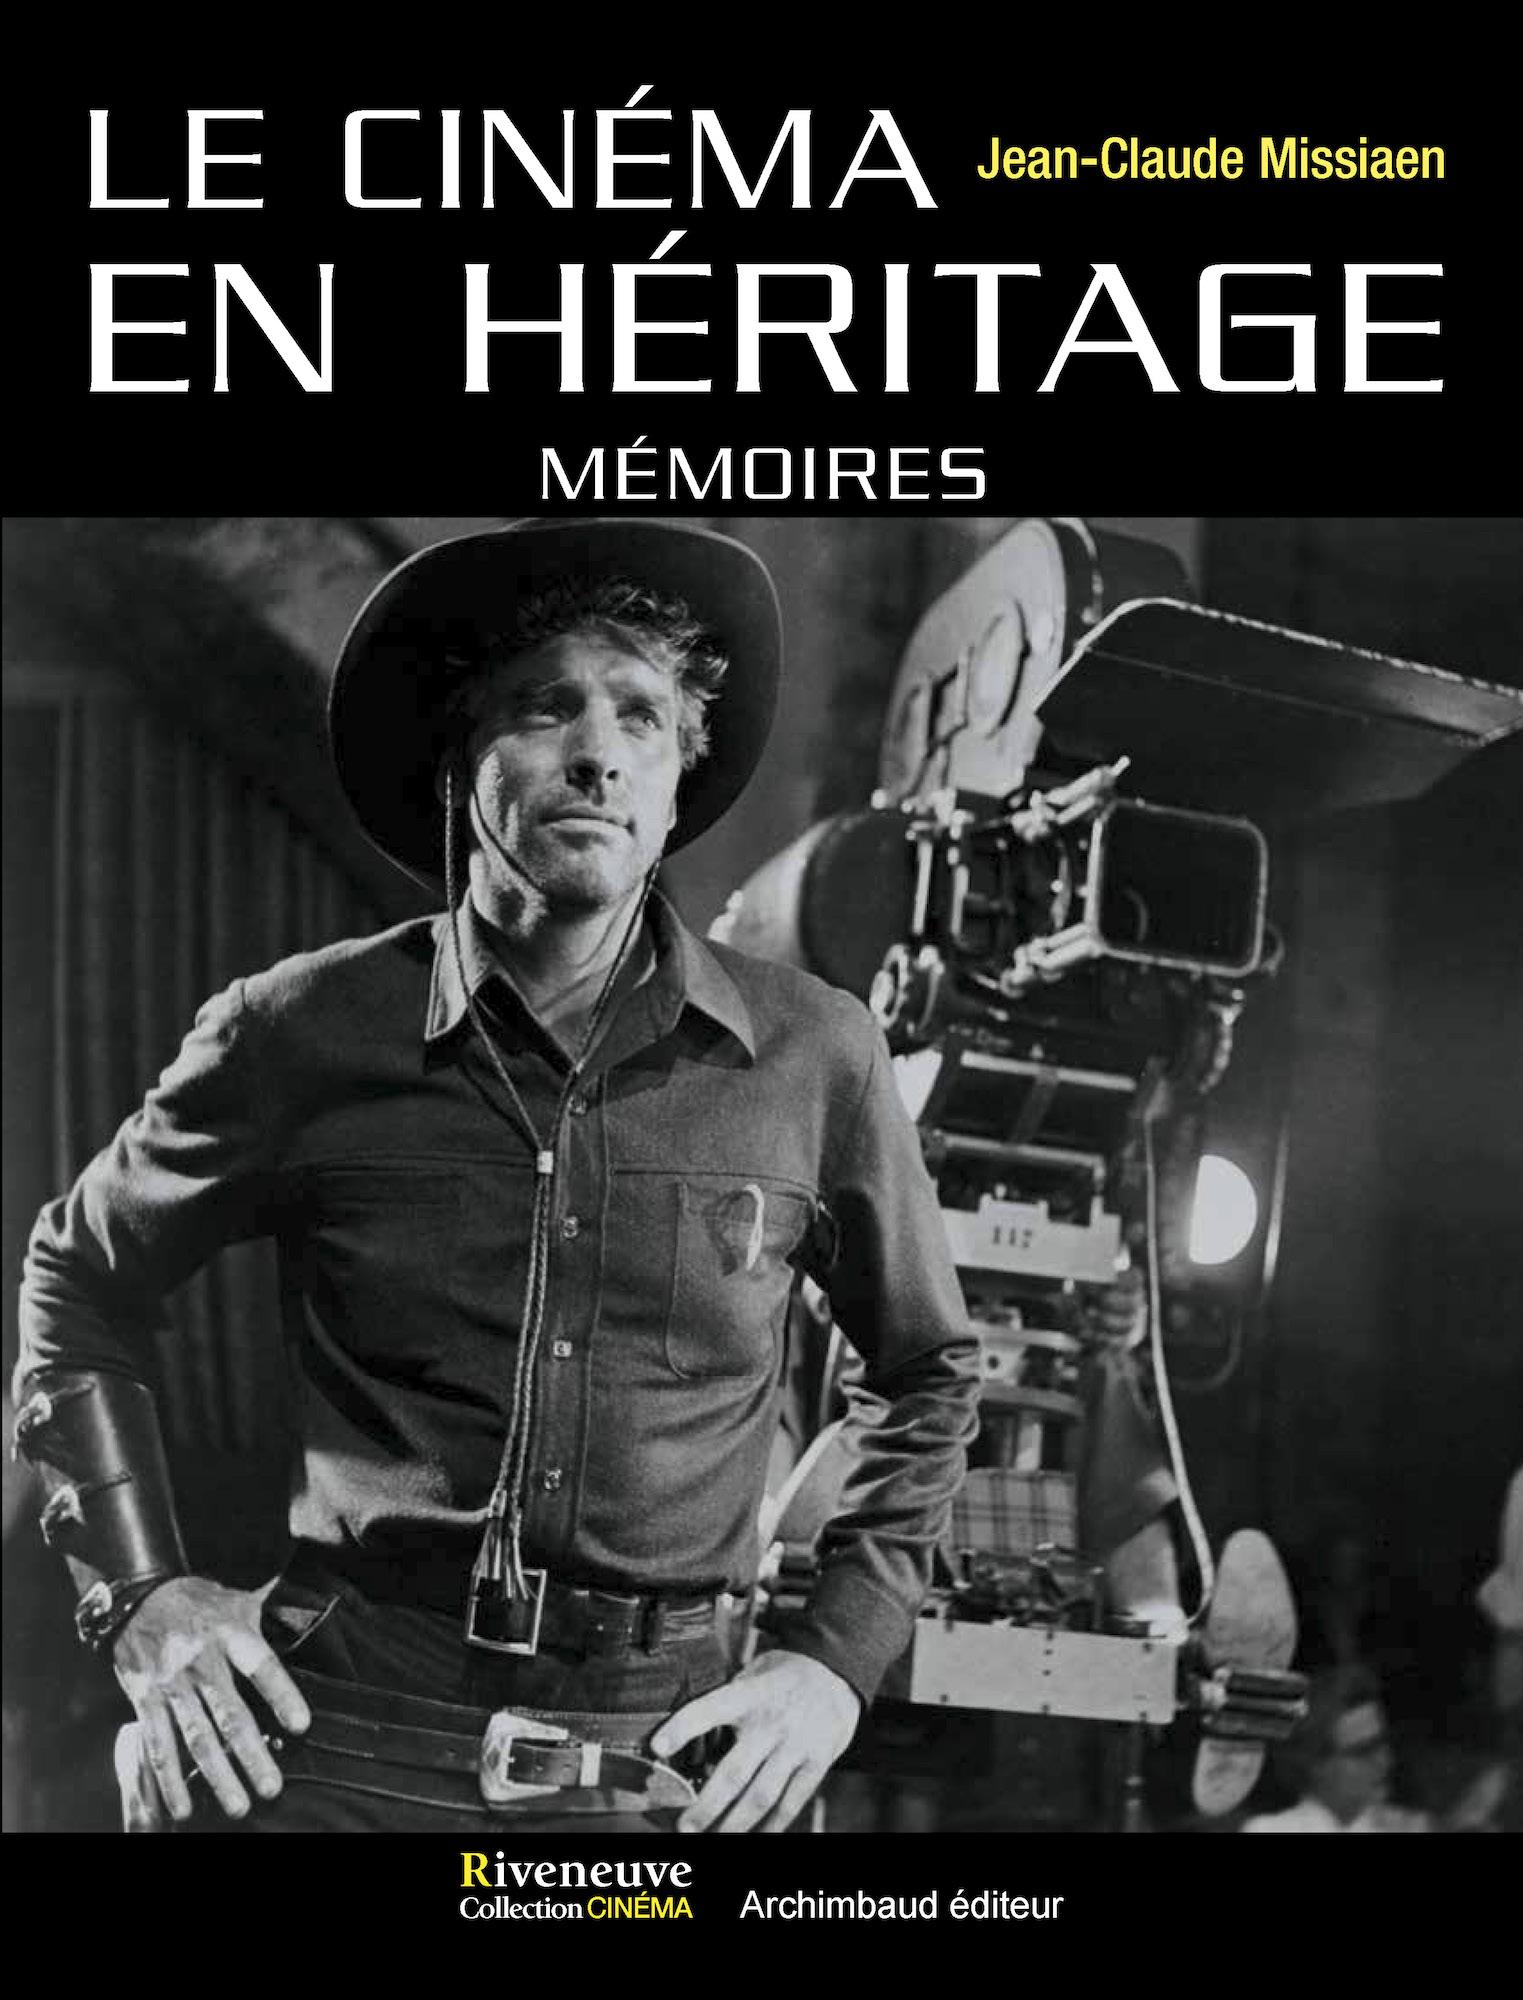 Le cinéma en héritage